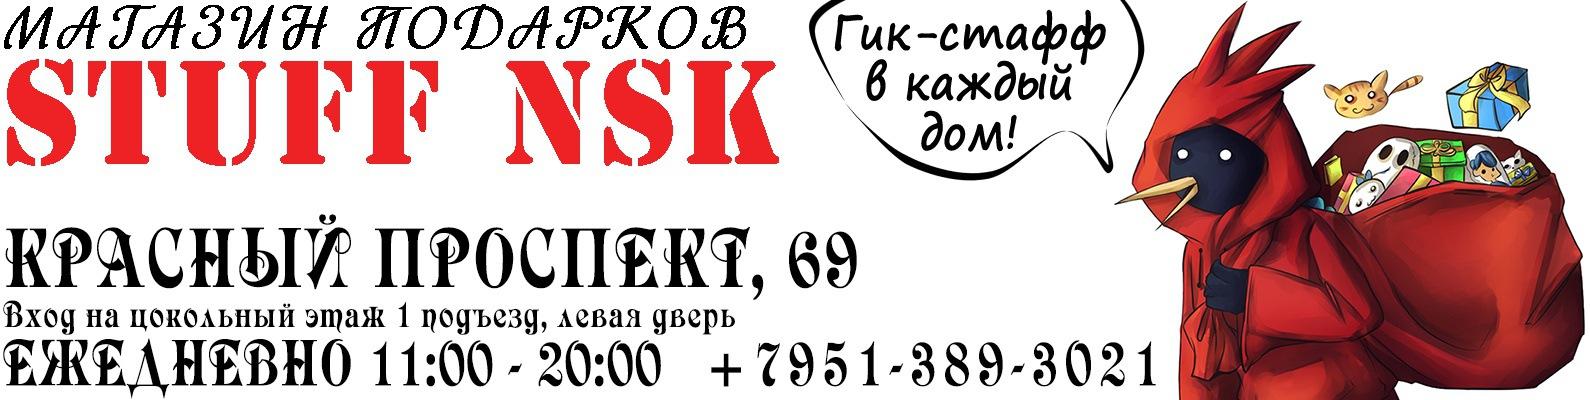 MDA бот телеграм Ангарск Эйфоретик анонимно Копейск